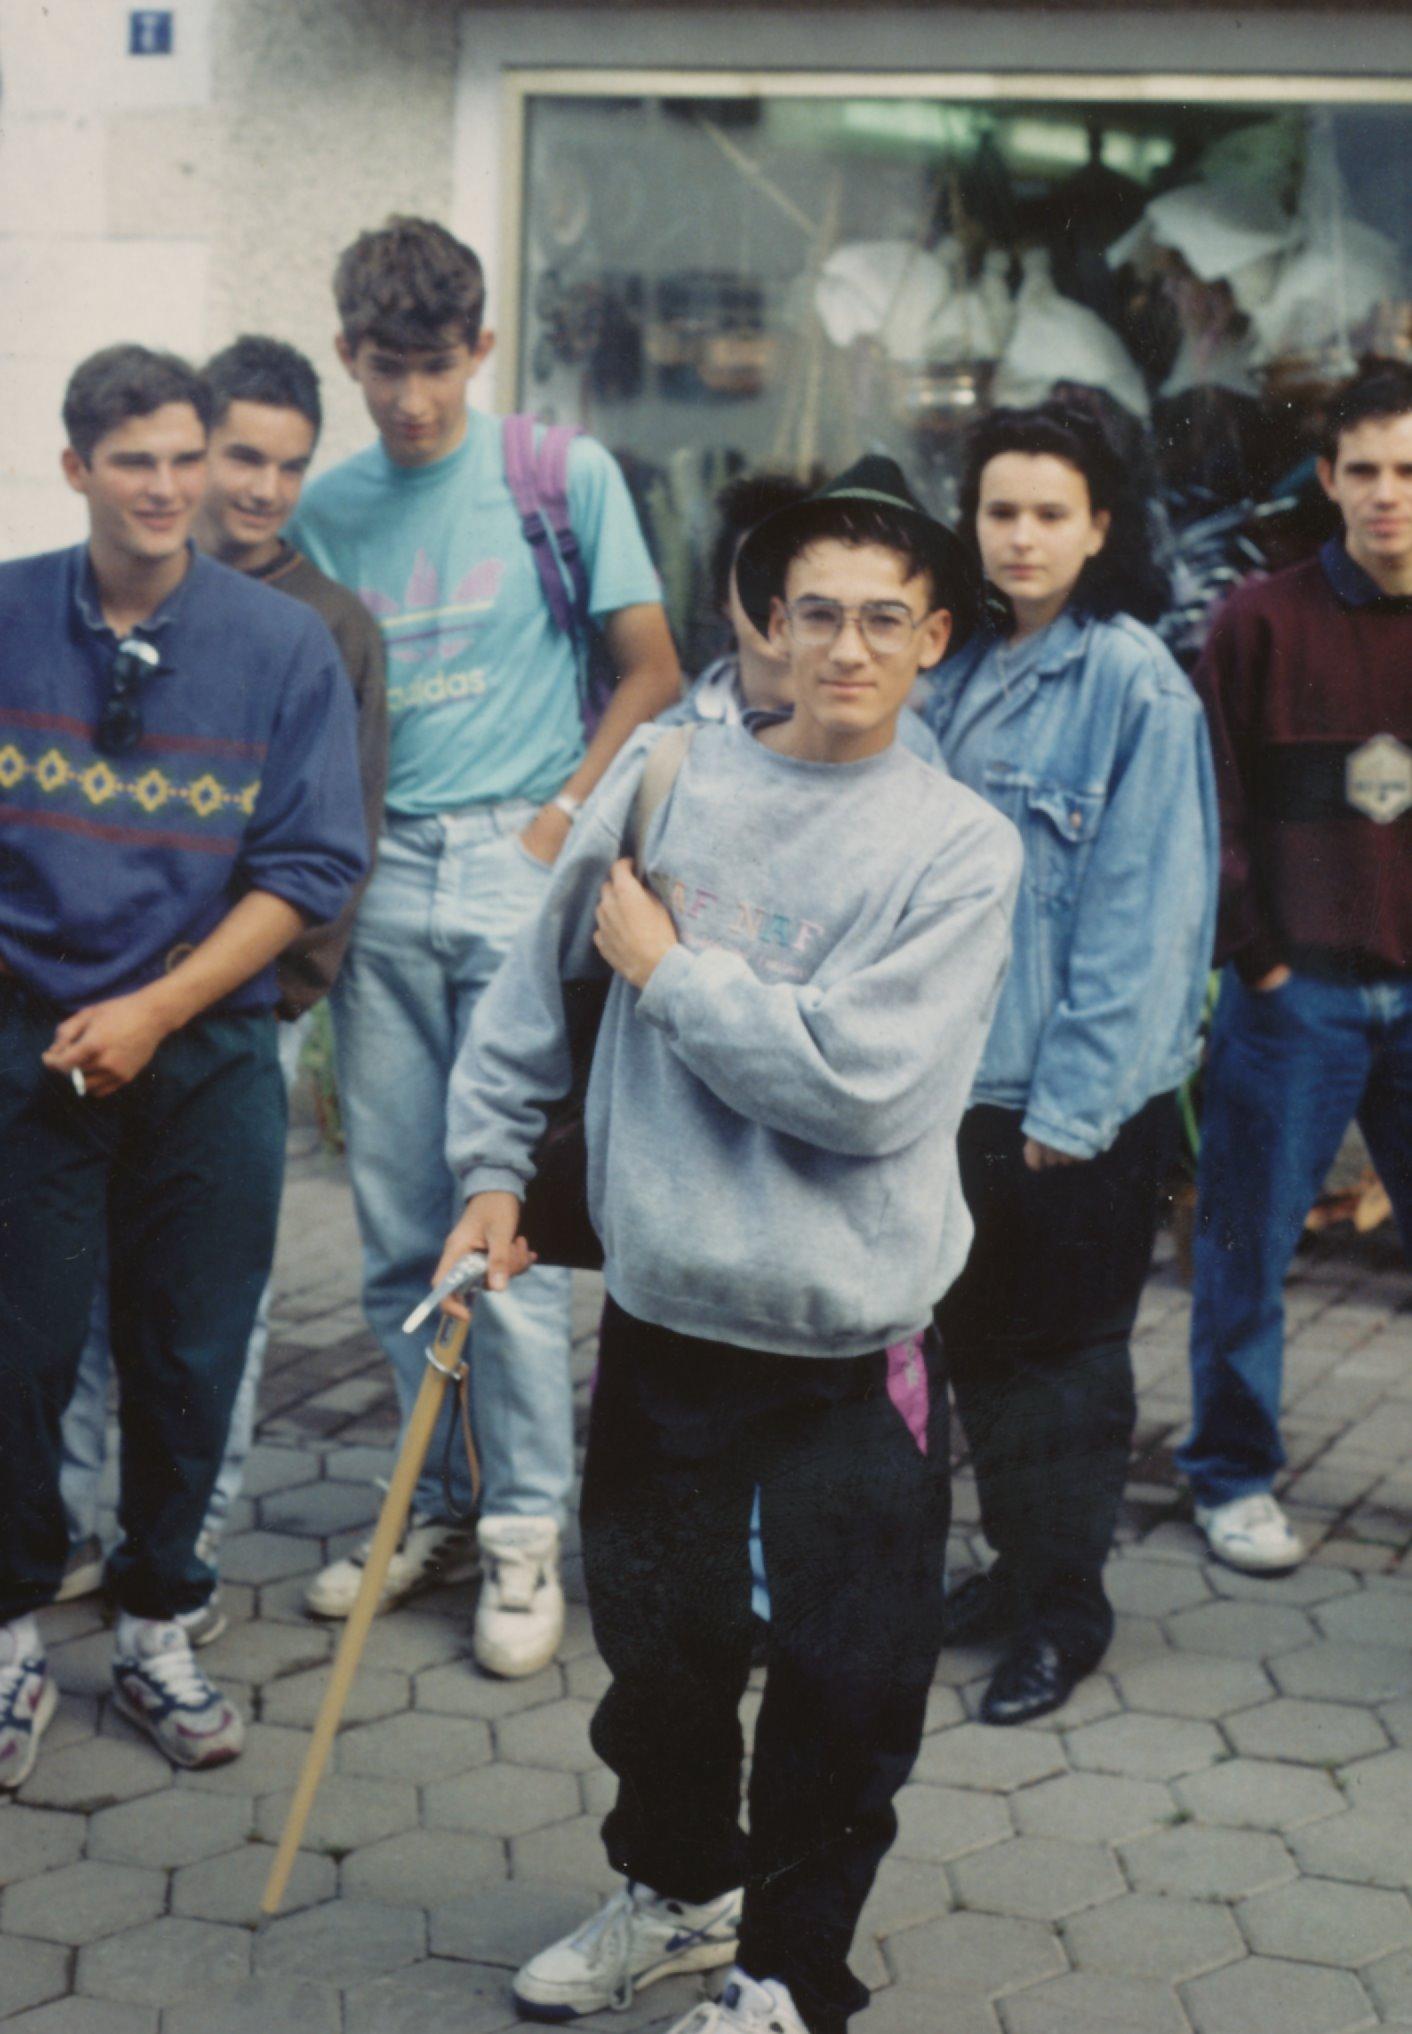 Archives anciens élèves mfr puy-sec 1989 (4)